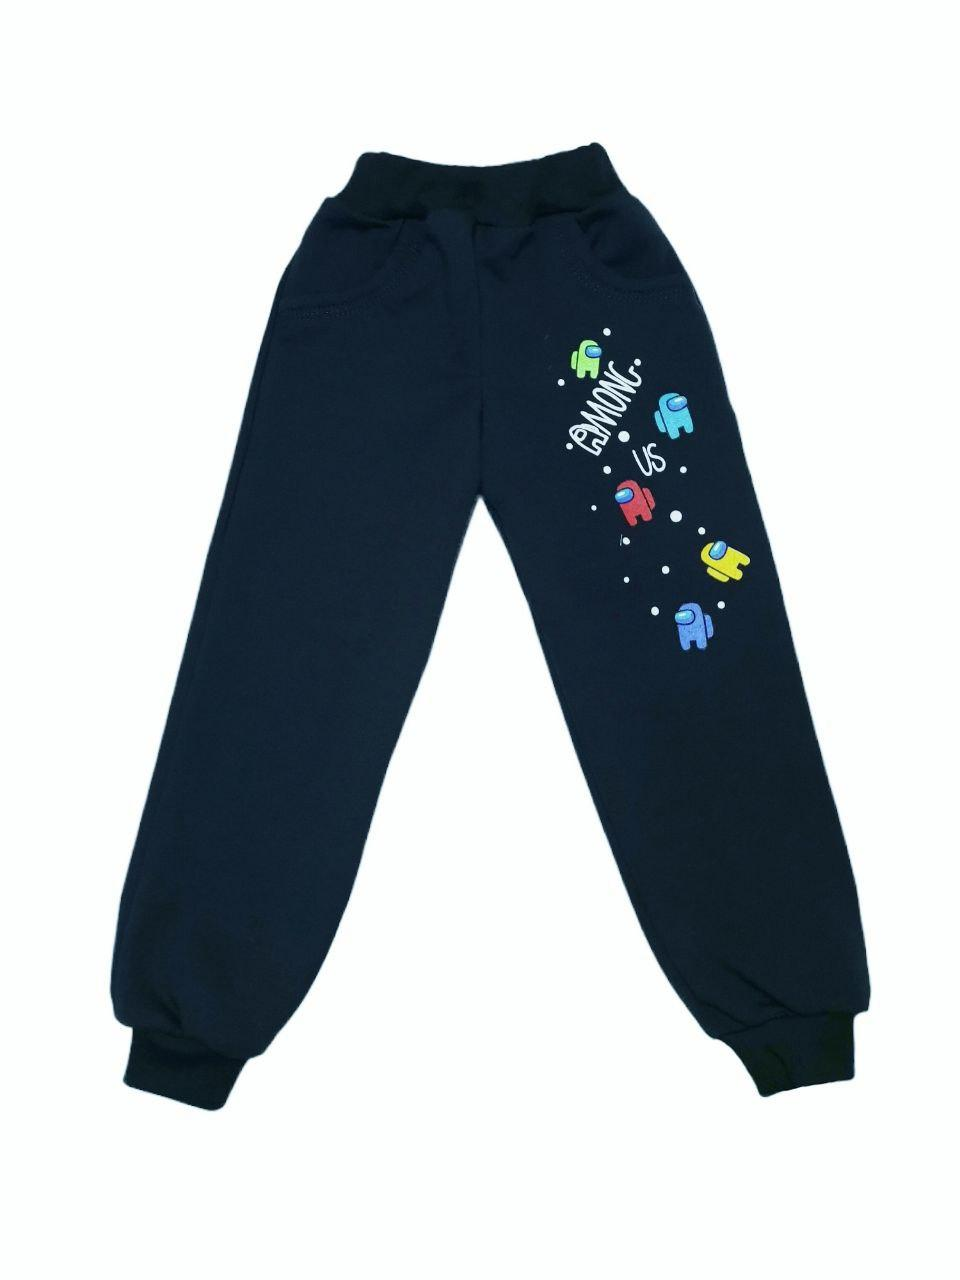 Дитячі спортивні штани з принтом Among us для хлопчика двунитка